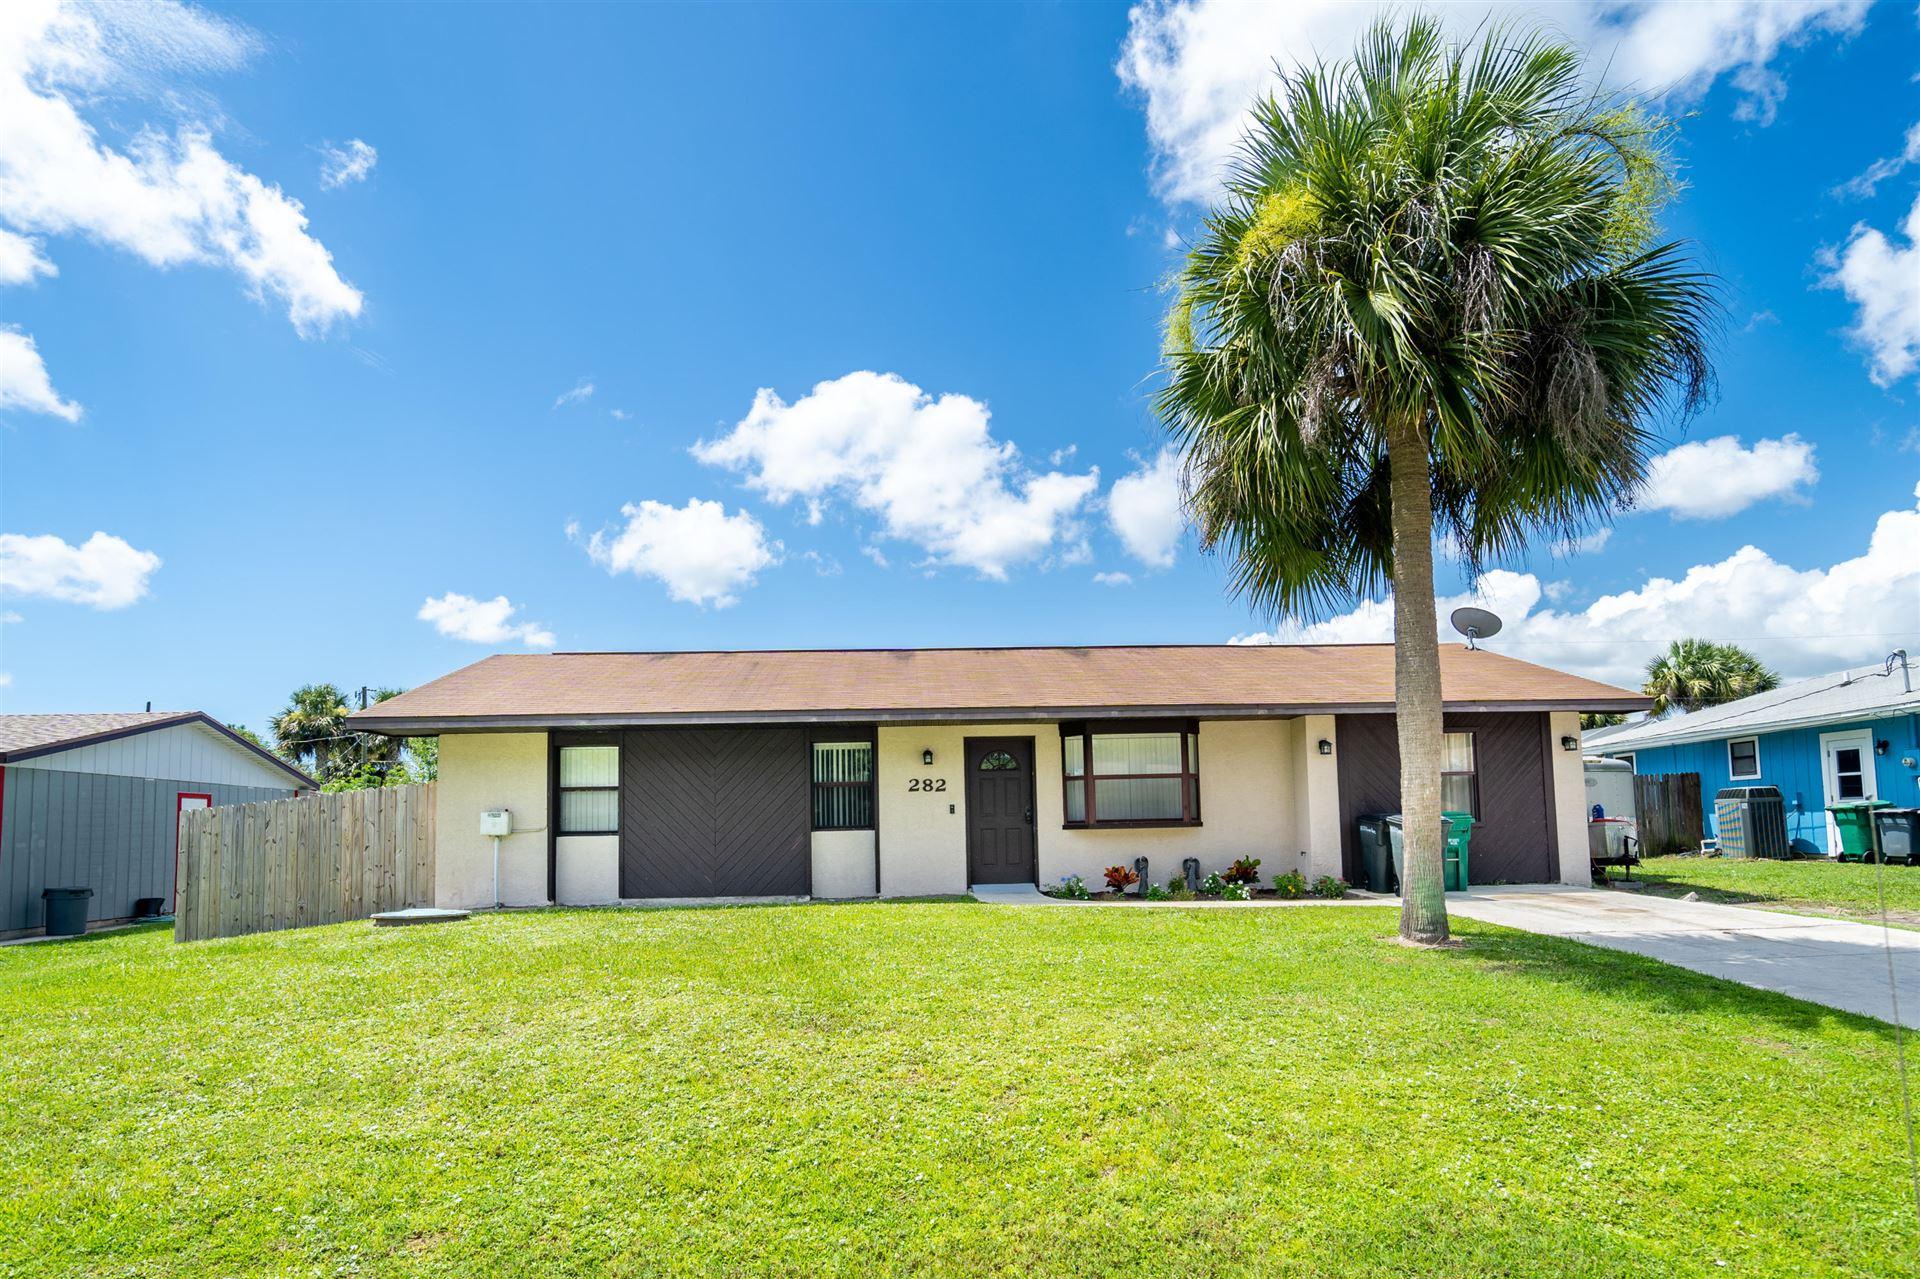 282 SE Grove Avenue, Port Saint Lucie, FL 34983 - #: RX-10643819